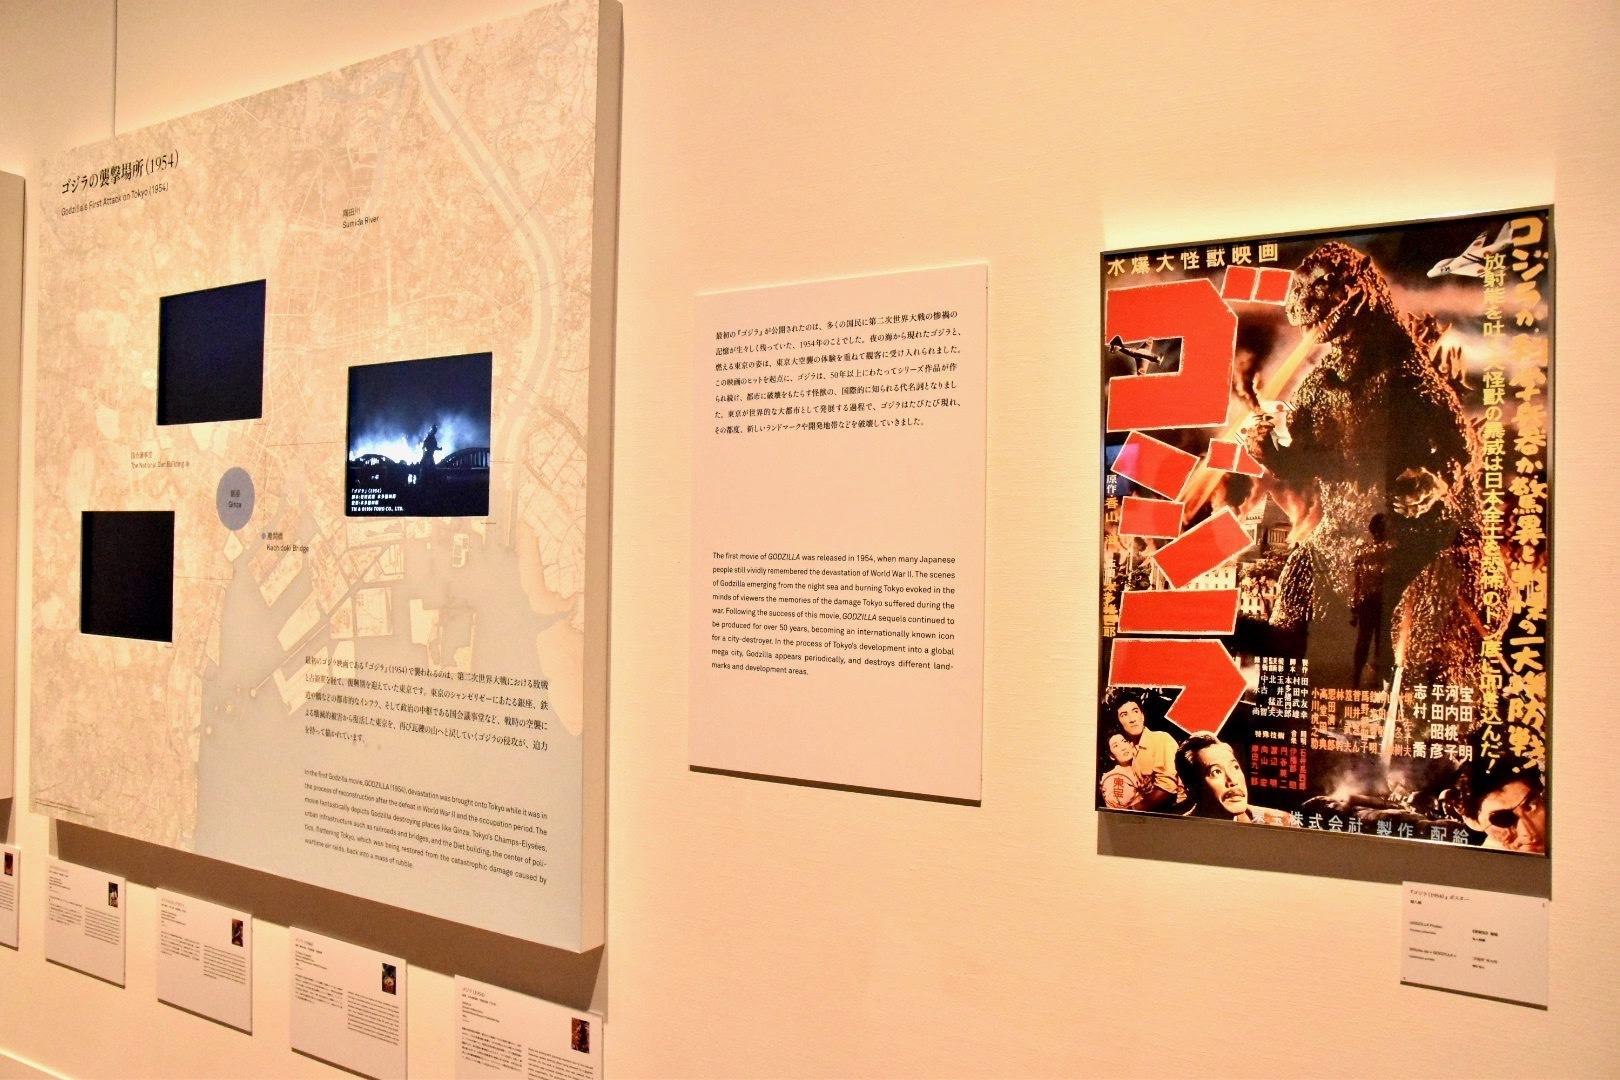 セクション1「破壊と復興の反復」より『ゴジラ』の展示風景